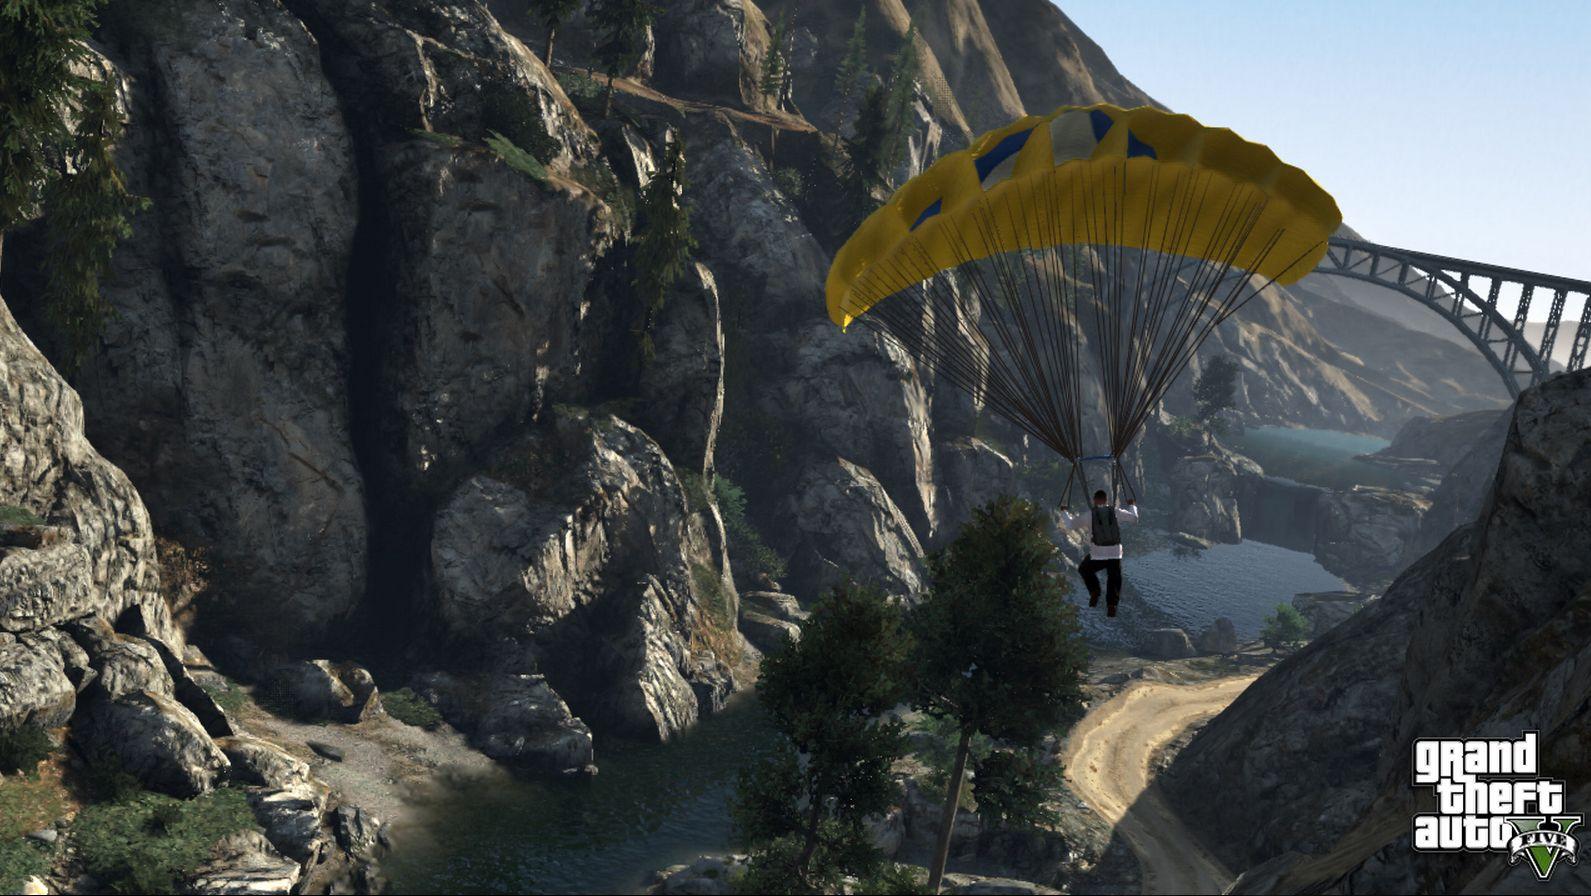 Nuevas screens de GTA V: Tenis, Motos y Paracaídas [FUCK YEA!]